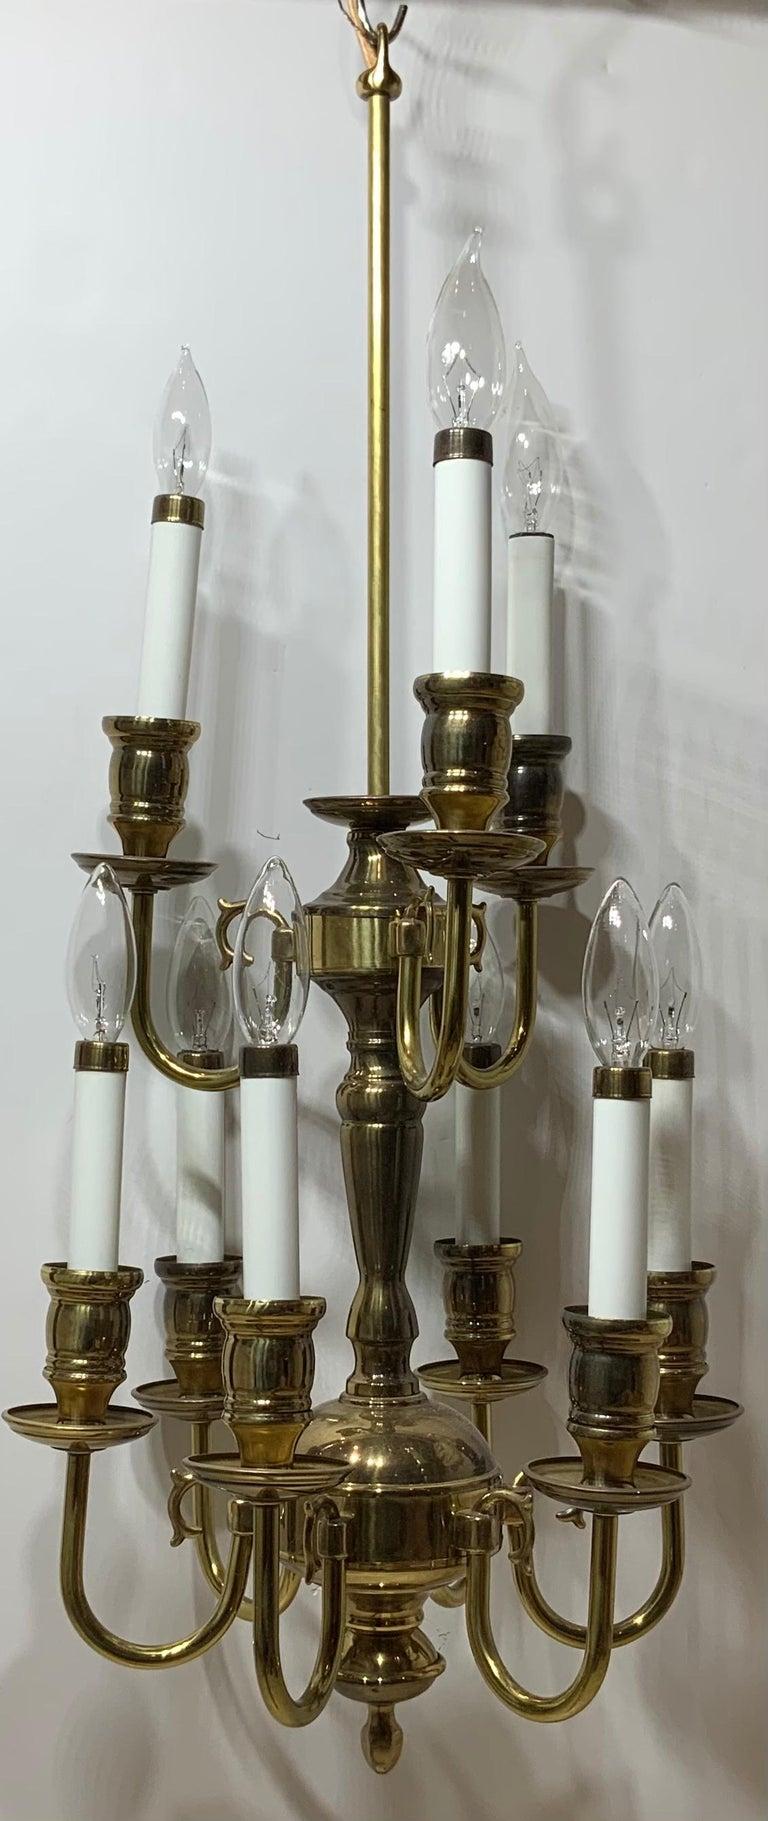 Nine-Light Brass Hanging Chandelier For Sale 1